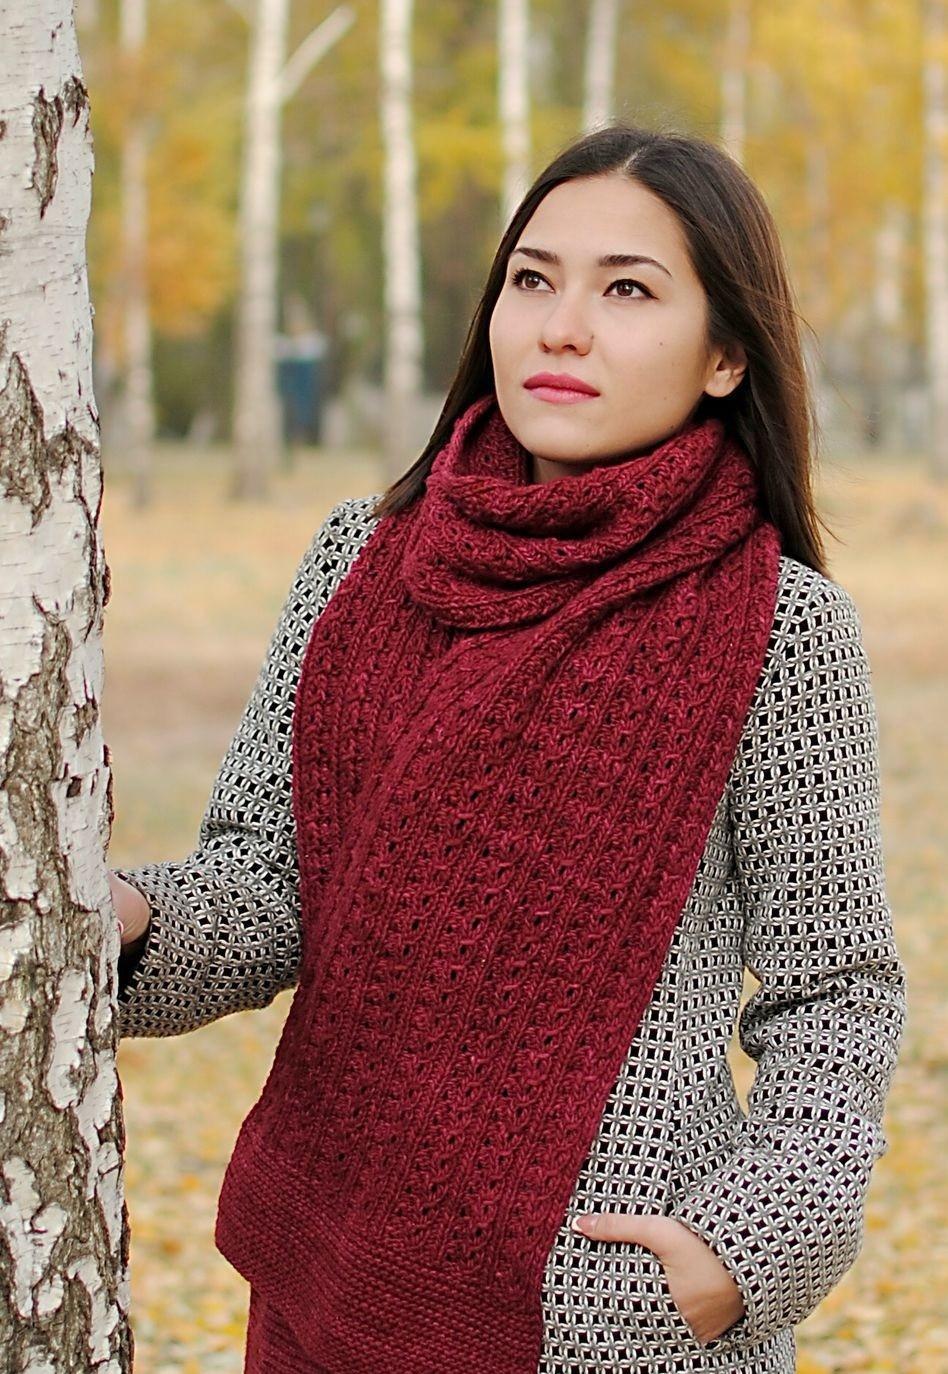 модный шарф 2018: бордовый вязаный шарф широкий